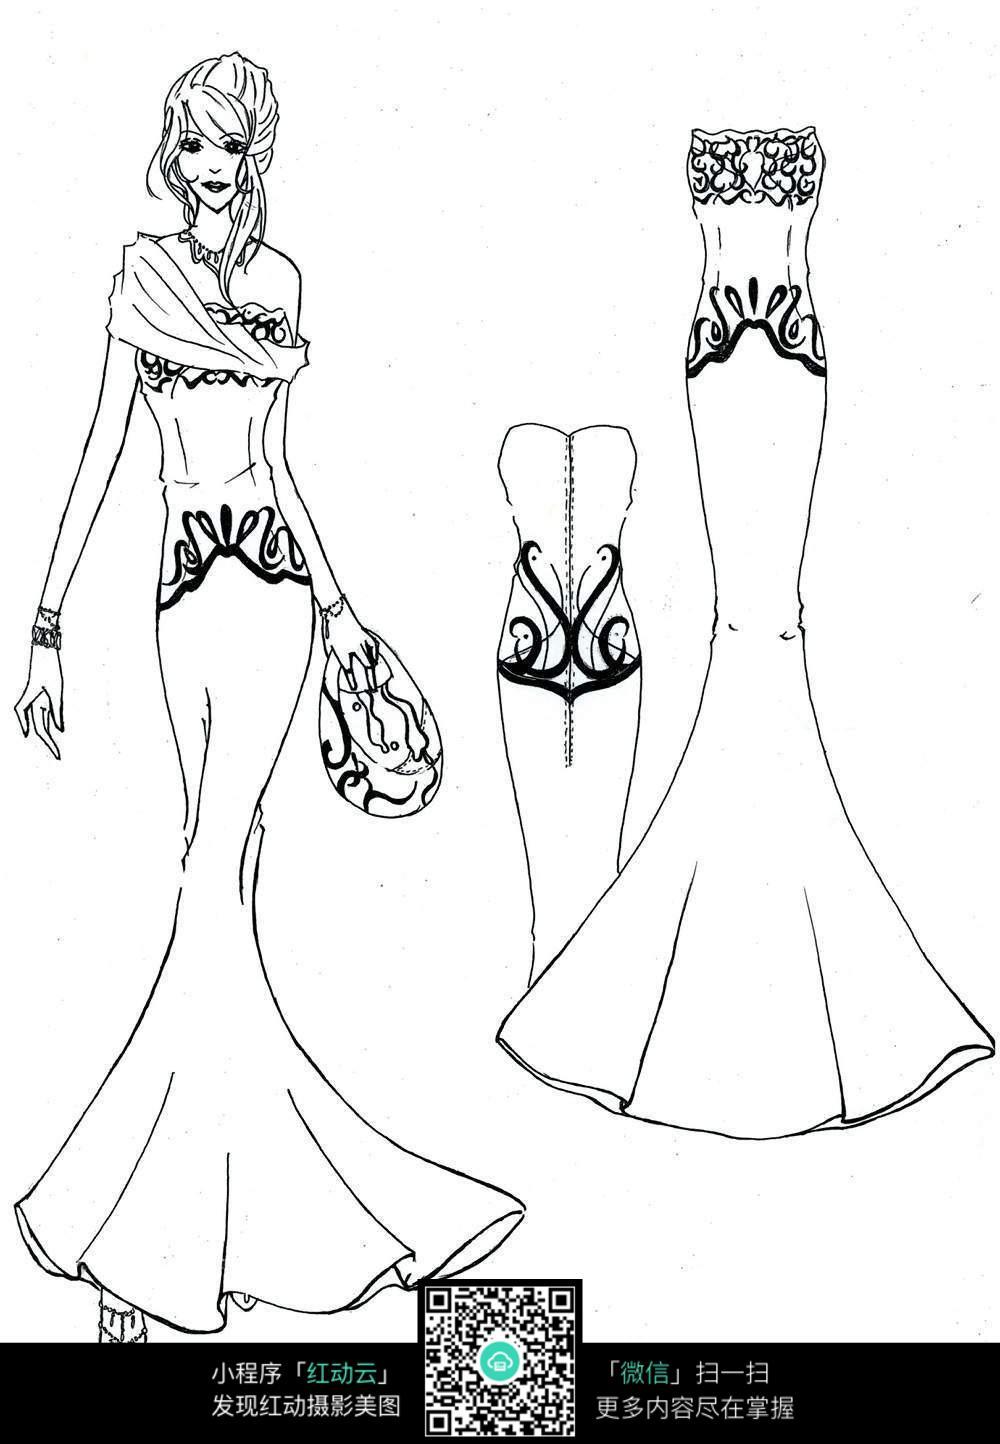 服裝及人物時裝手繪